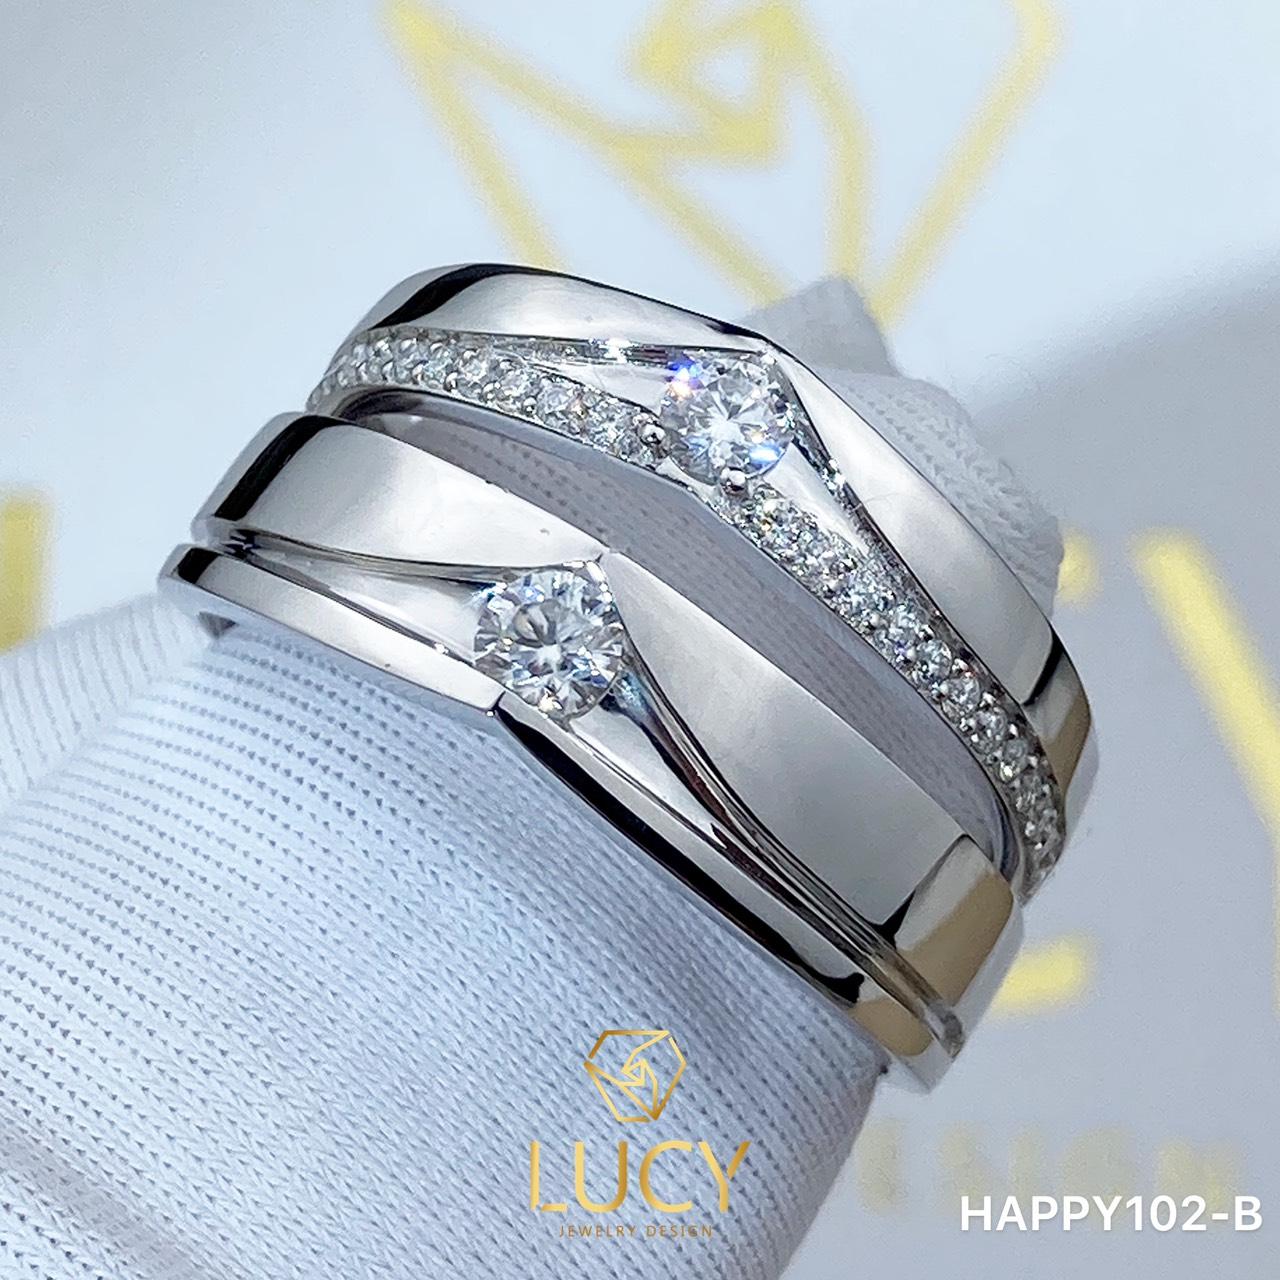 HAPPY102-B Nhẫn cưới thiết kế, nhẫn cưới đẹp cao cấp, nhẫn cưới kim cương 3mm 2.7mm - Lucy Jewelry